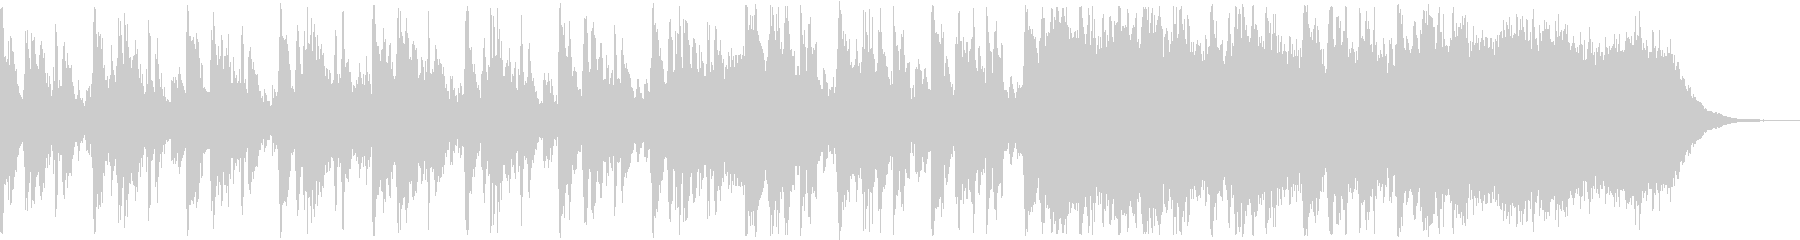 マーチング風の知的なBGMの未再生の波形